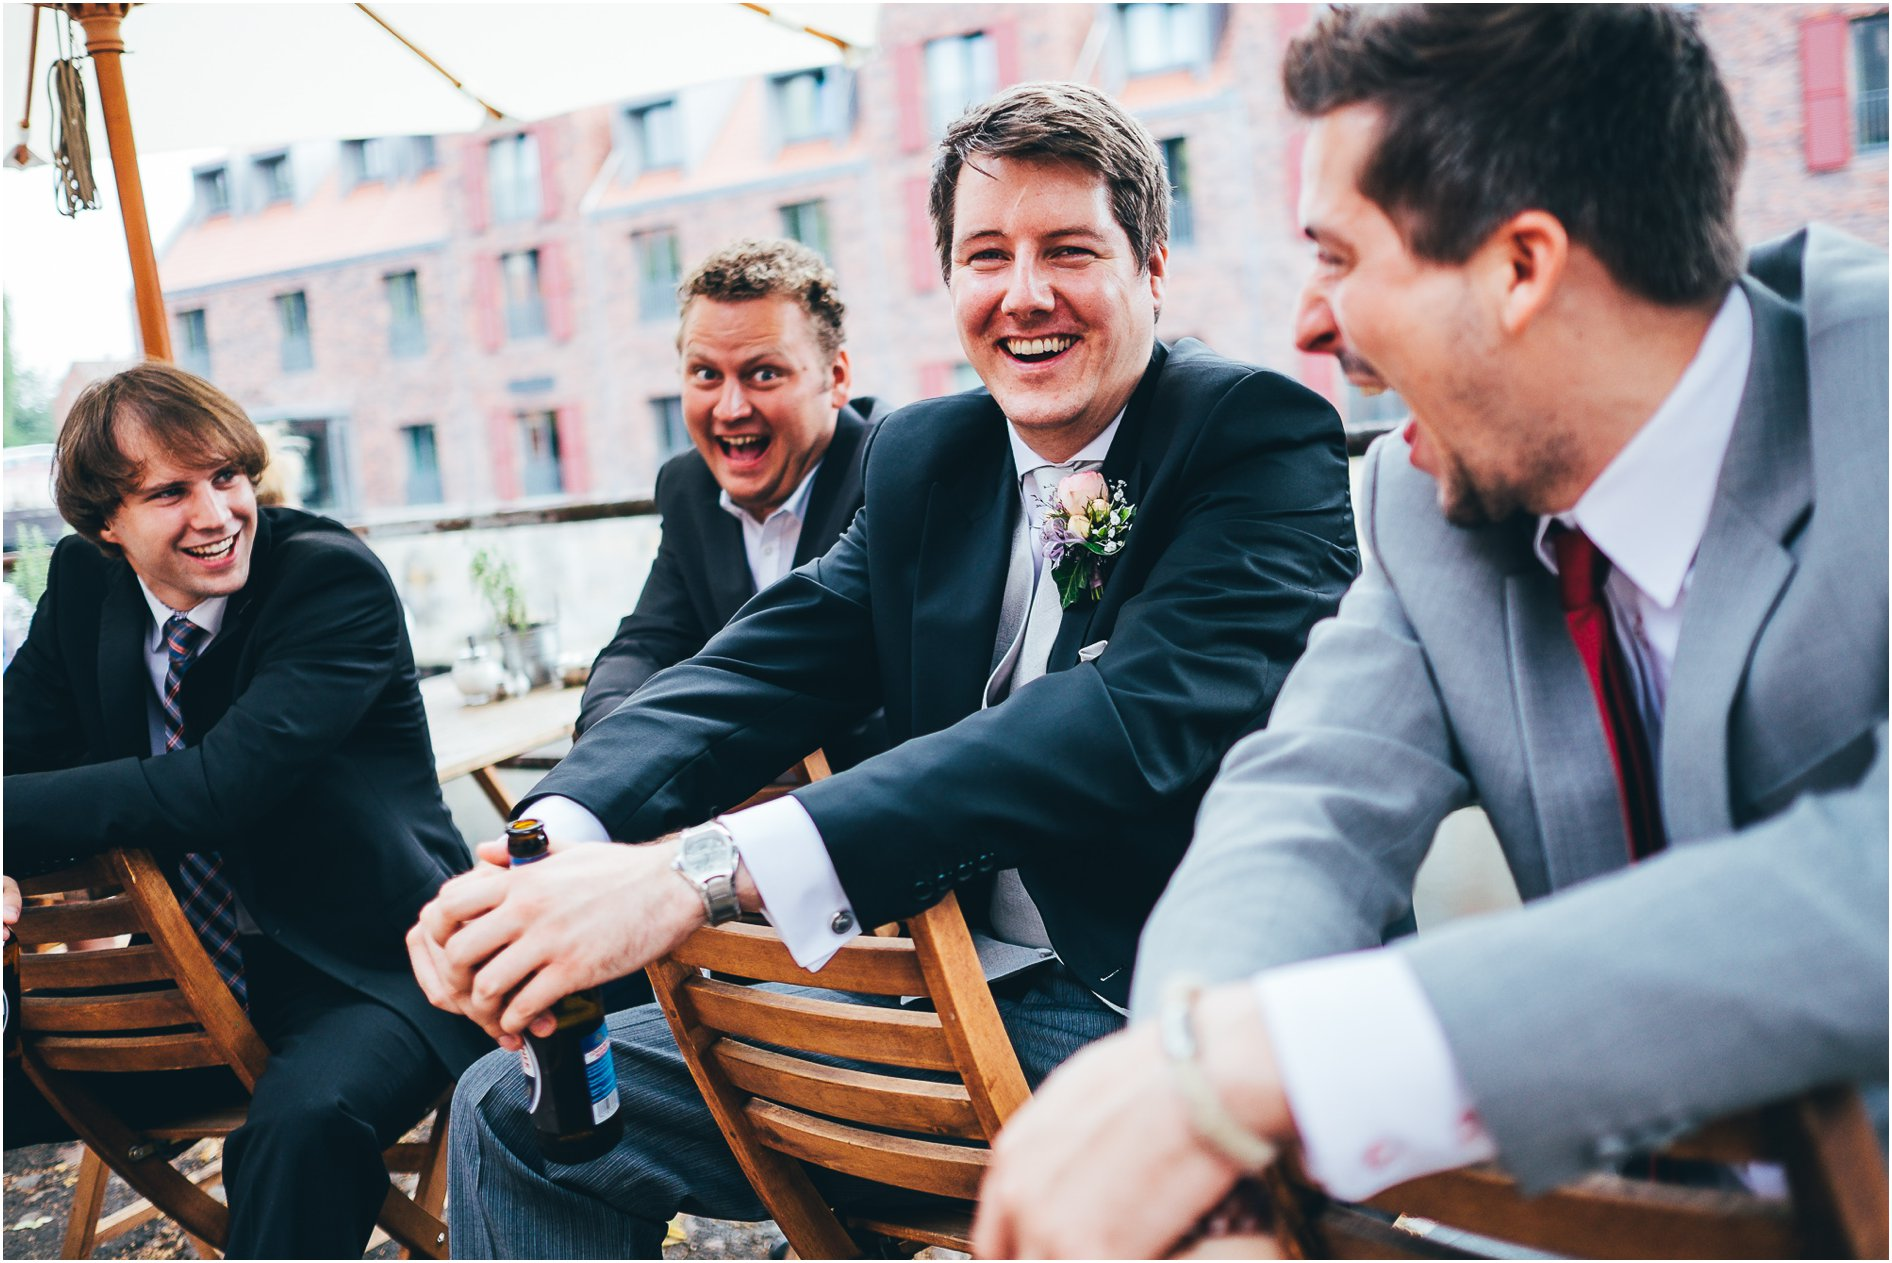 2014-10-13_0056 Jenny & Matthias - Hochzeitsfotograf auf Gut Bardenhagen